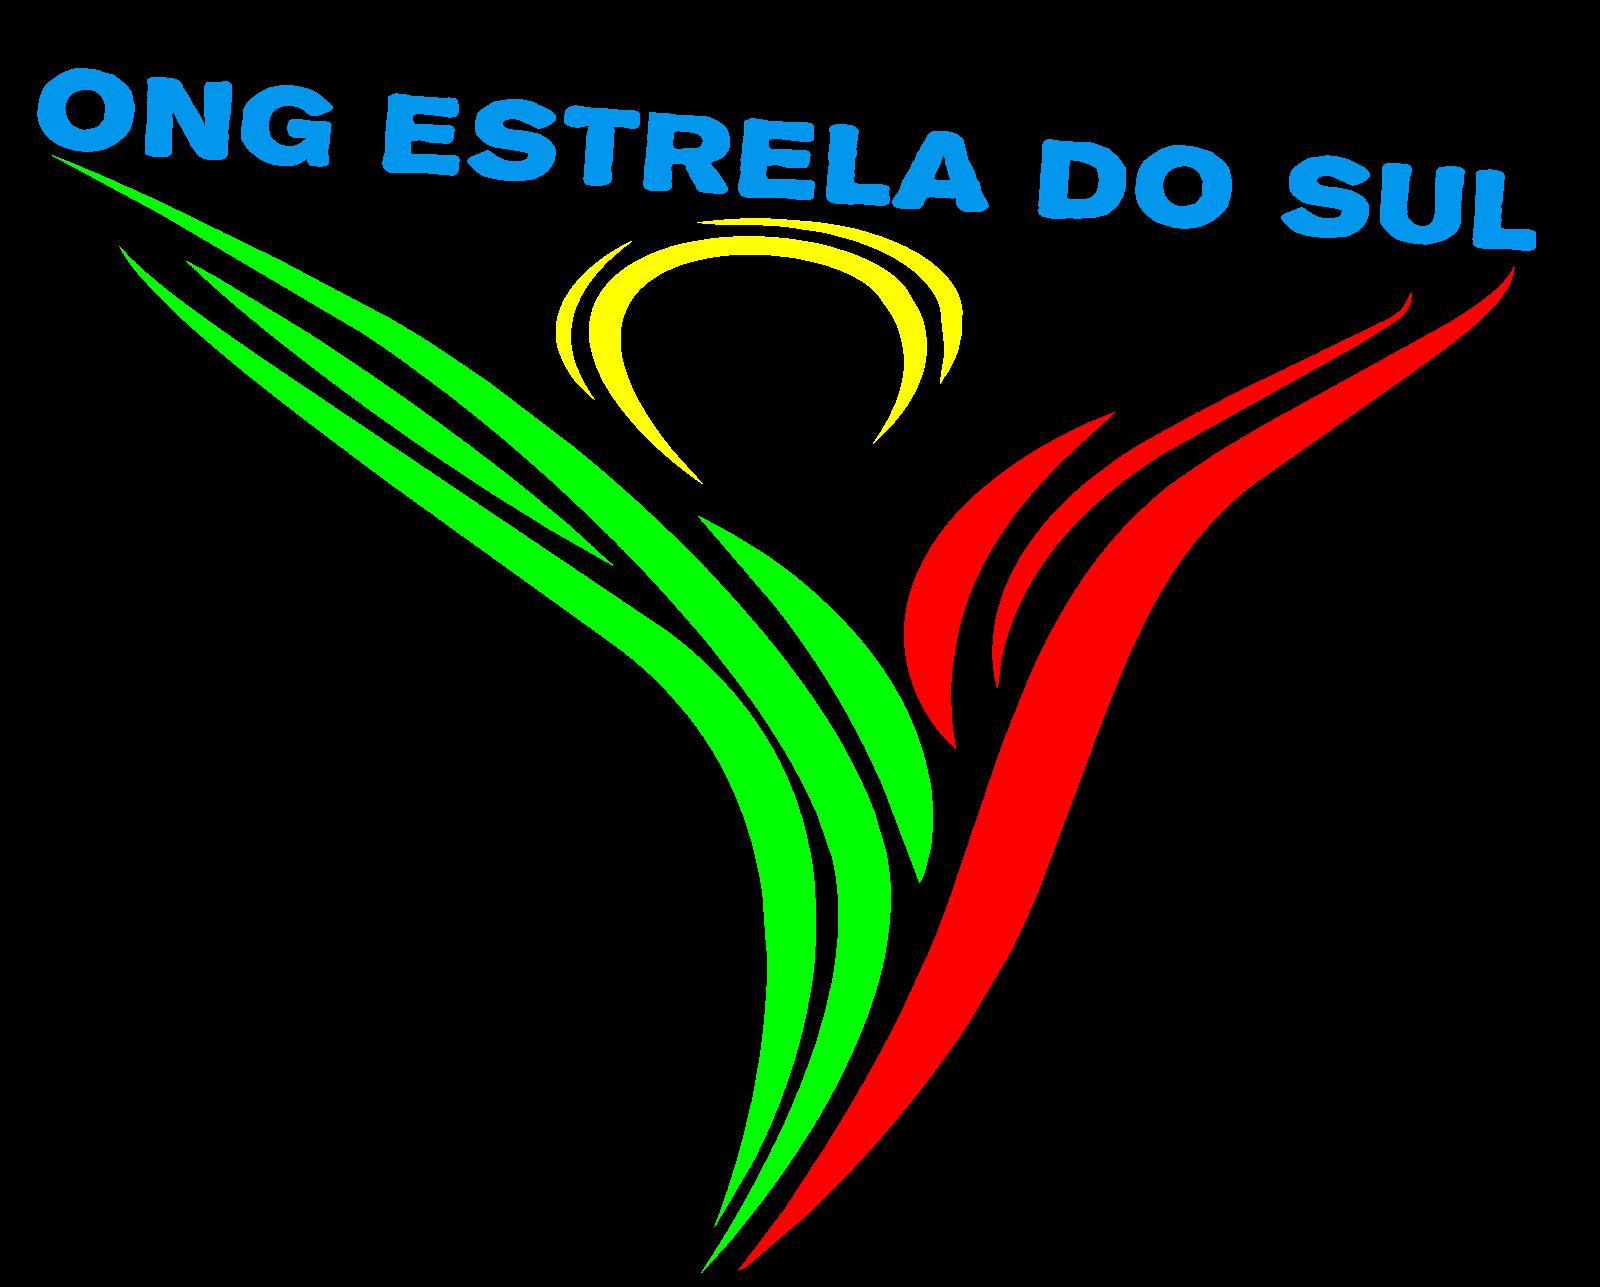 ONG ESTRELA DO SUL